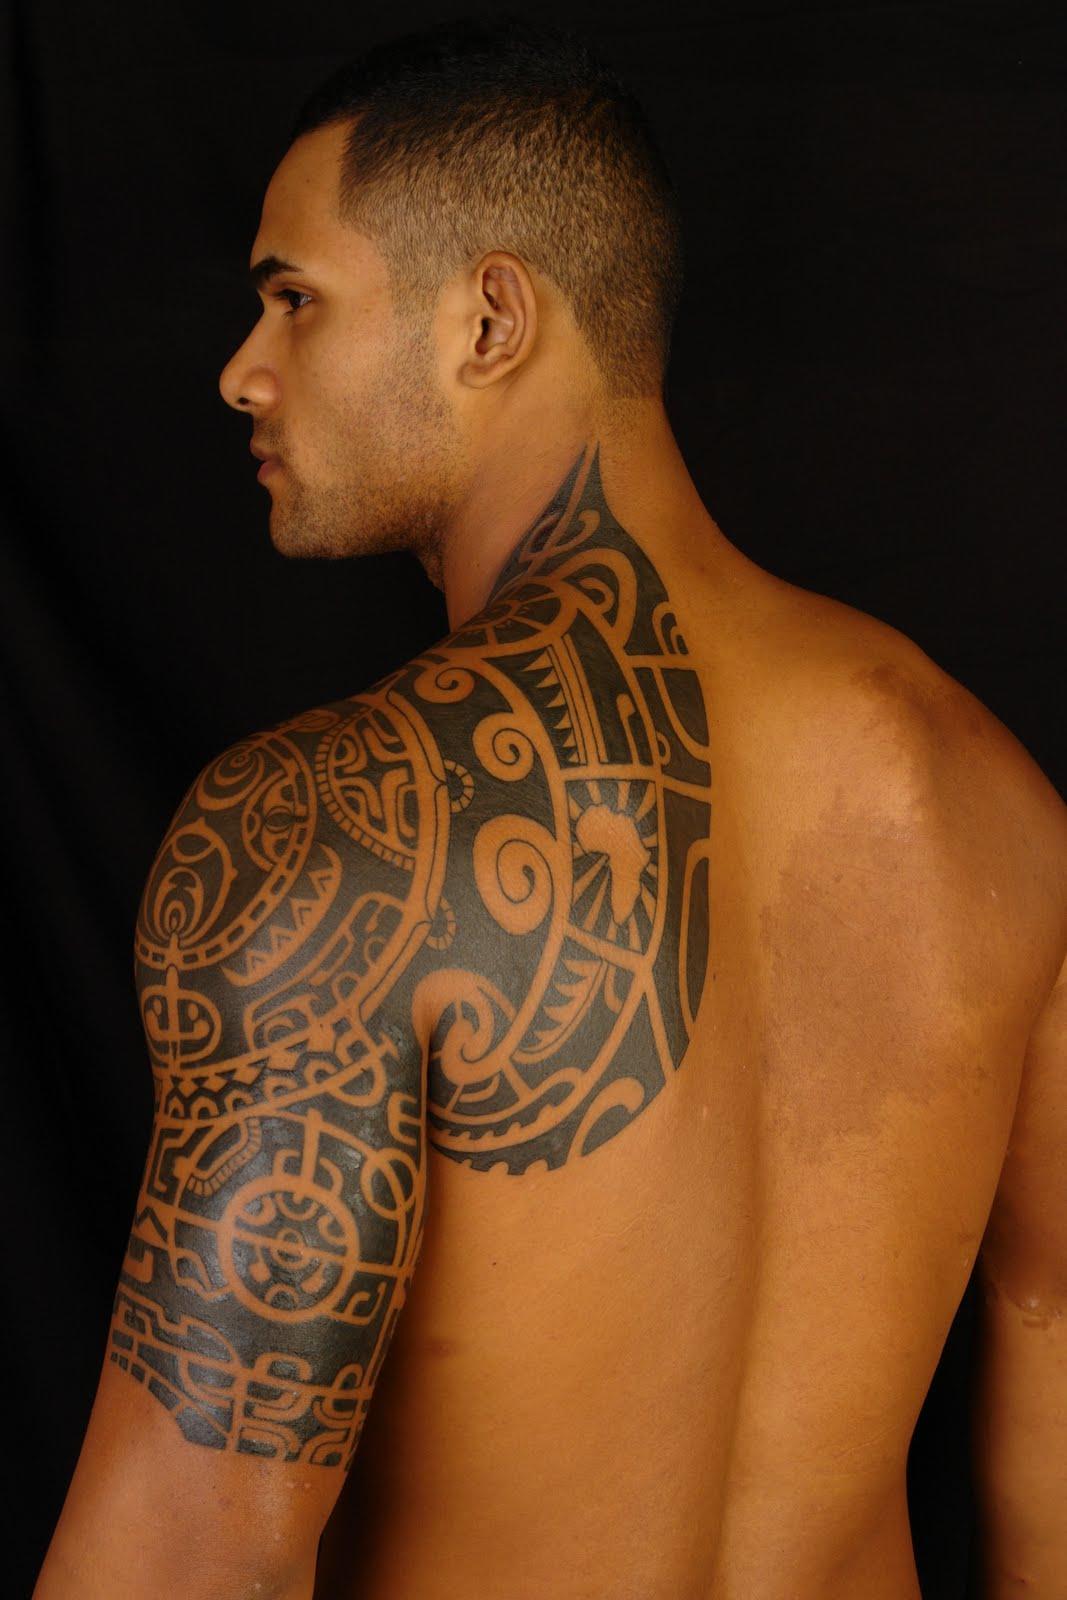 Dwayne The Rock Johnson New Tattoo